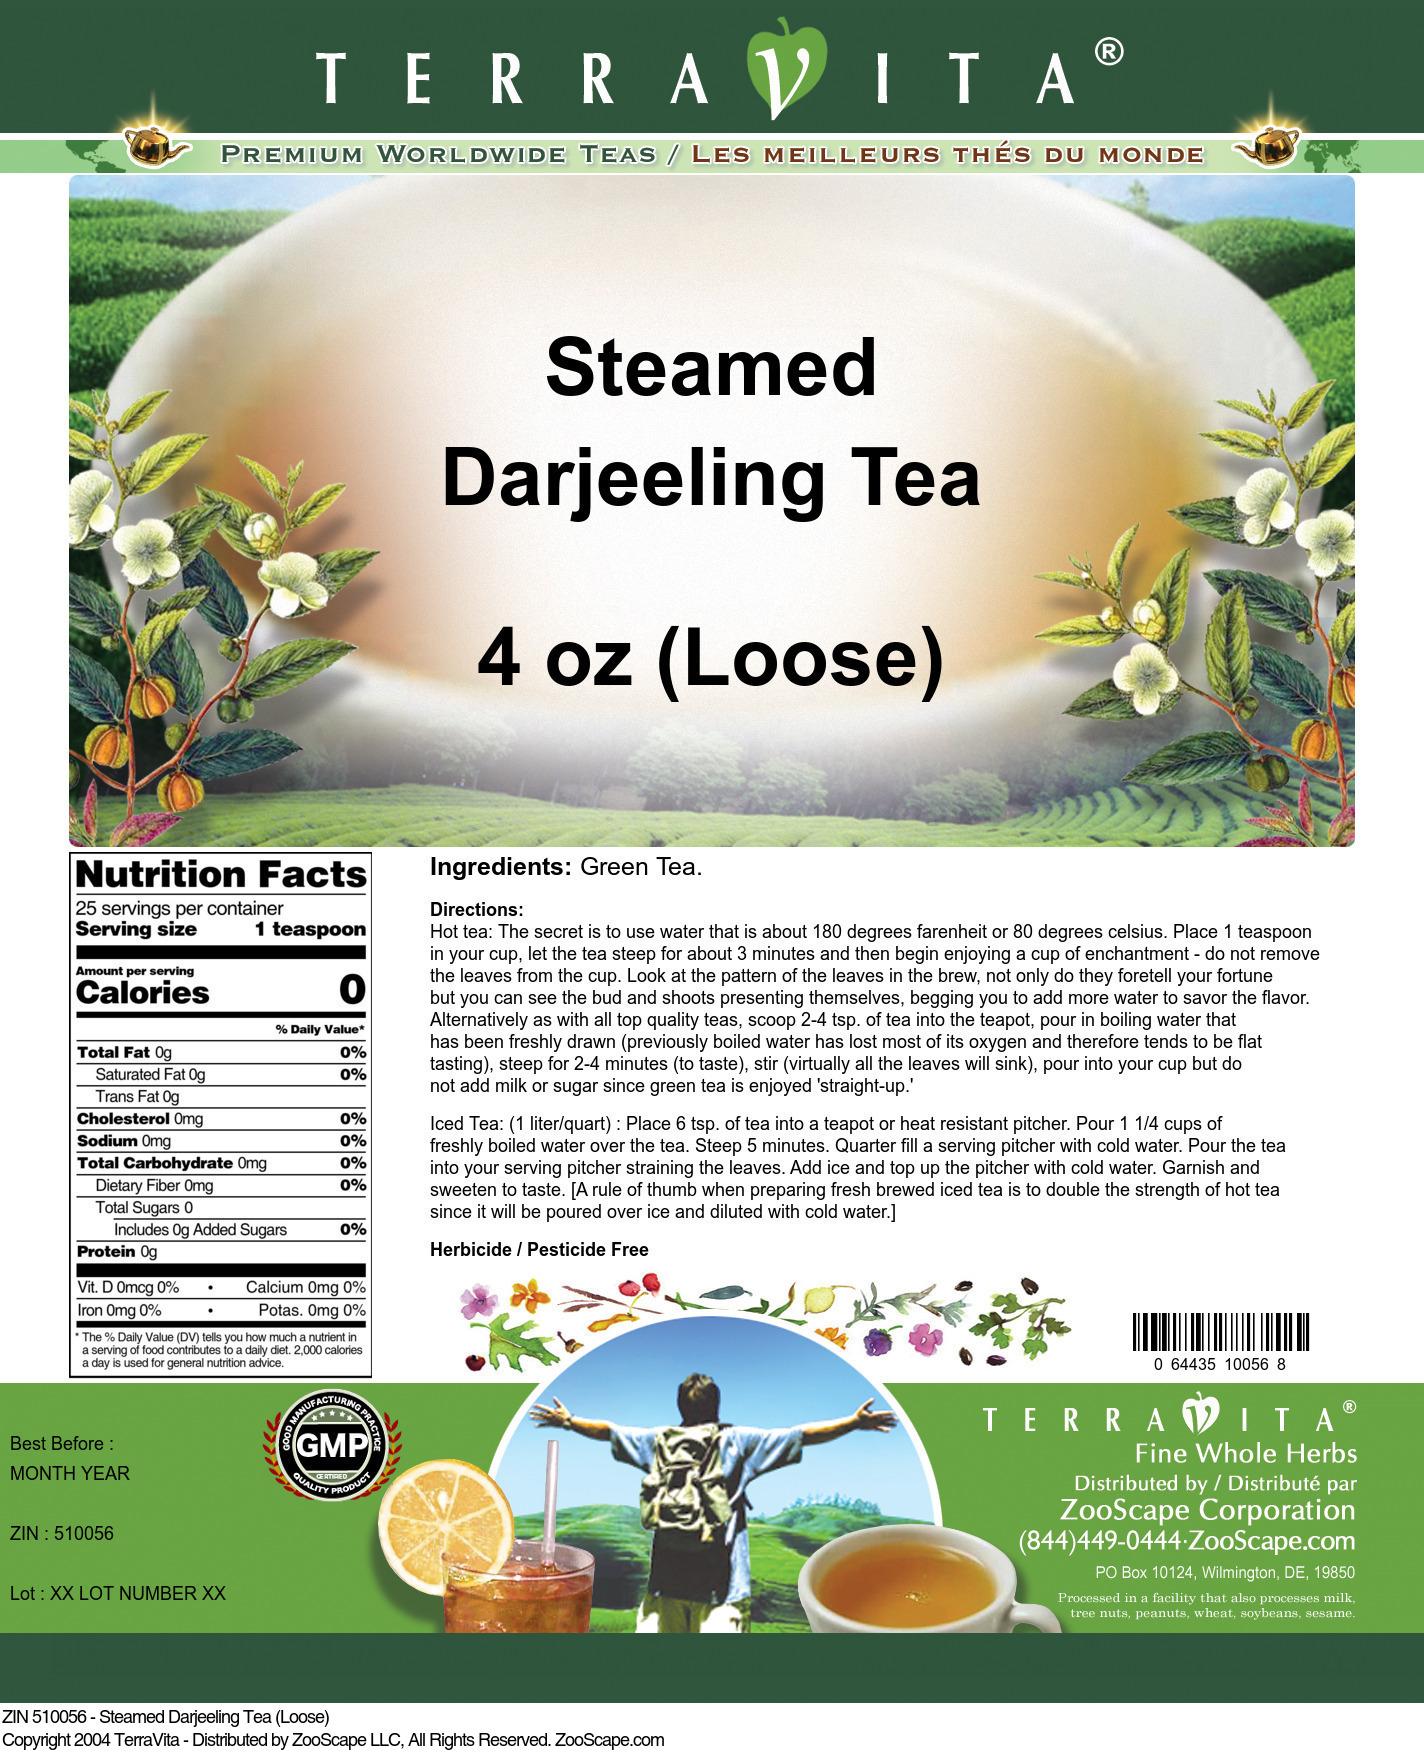 Steamed Darjeeling